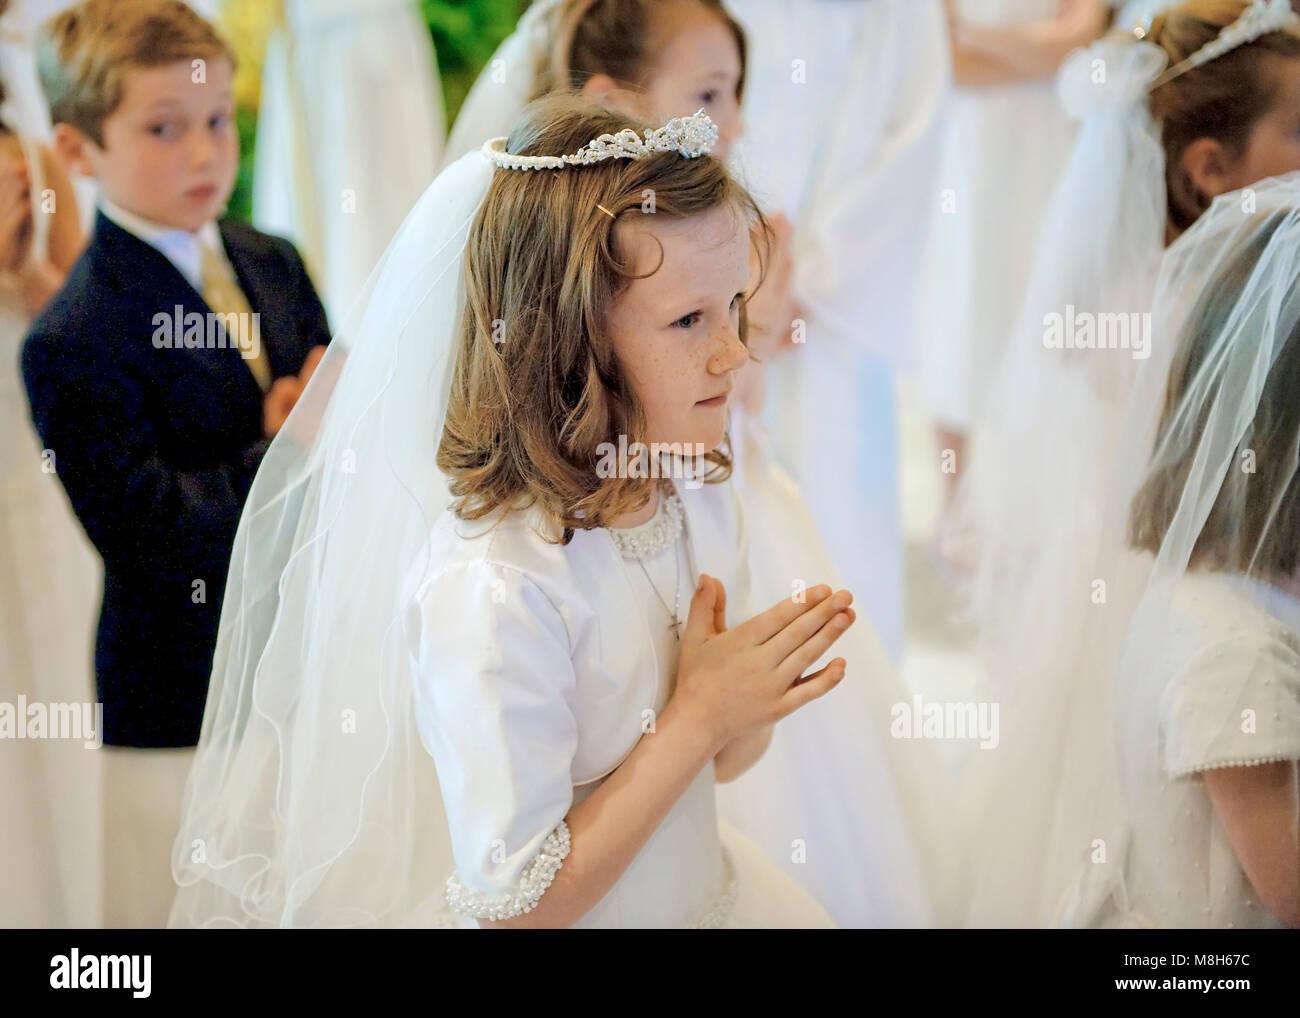 Garçons et filles catholiques recevant le Sacrement de la première communion. Photo Stock